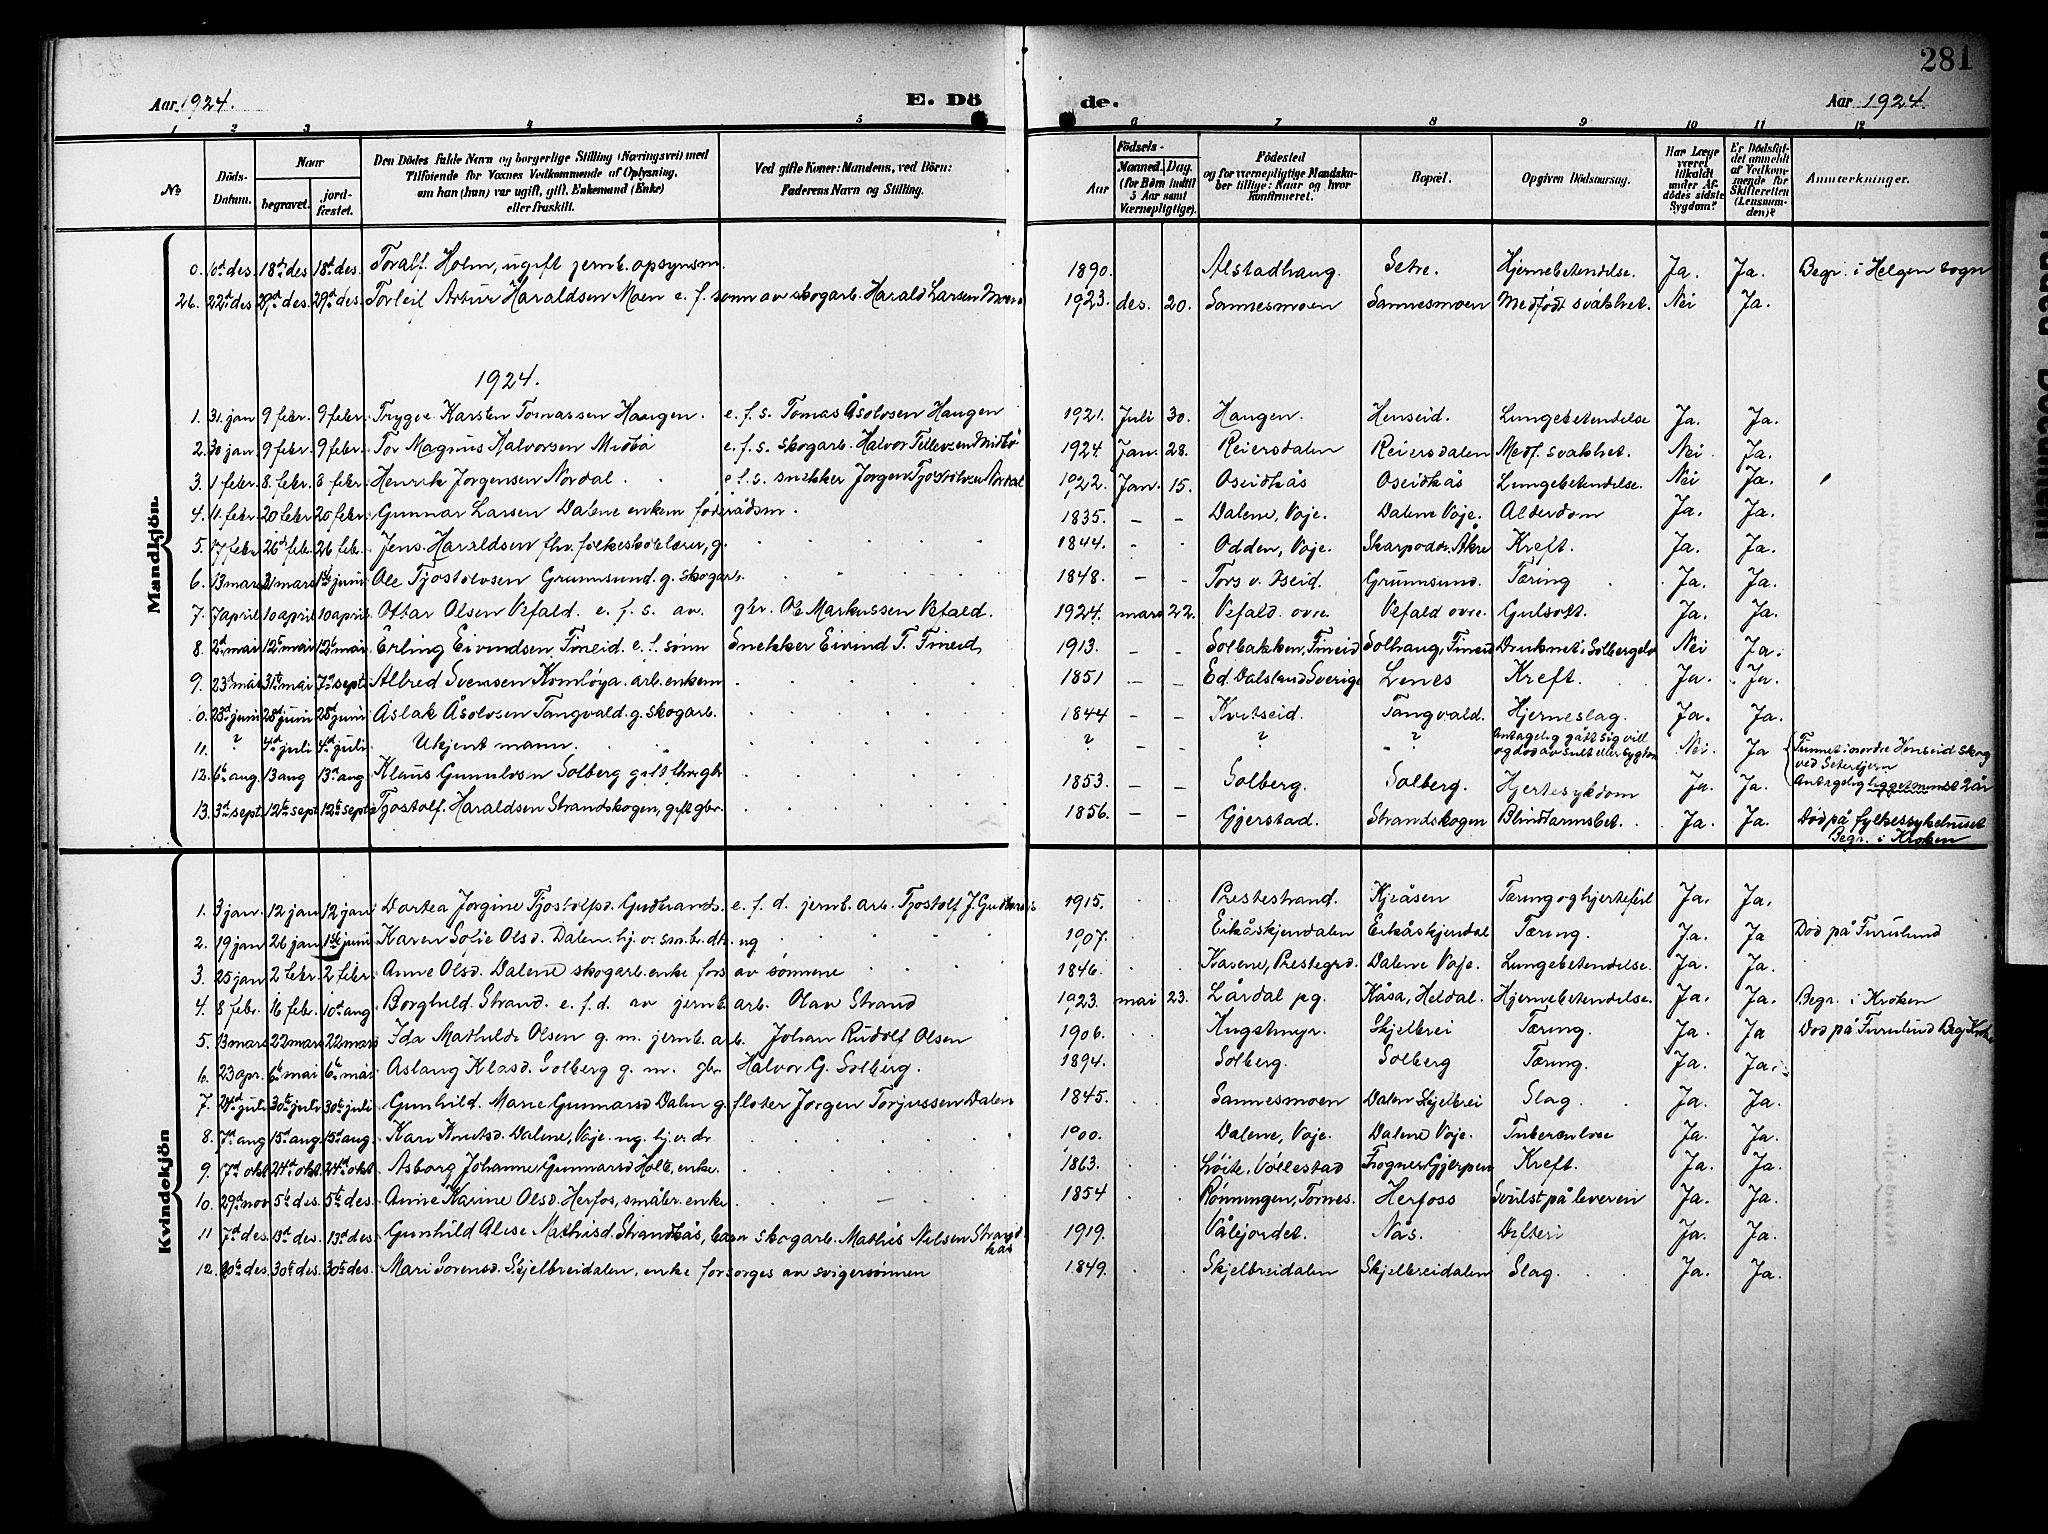 SAKO, Drangedal kirkebøker, G/Ga/L0004: Klokkerbok nr. I 4, 1901-1933, s. 281